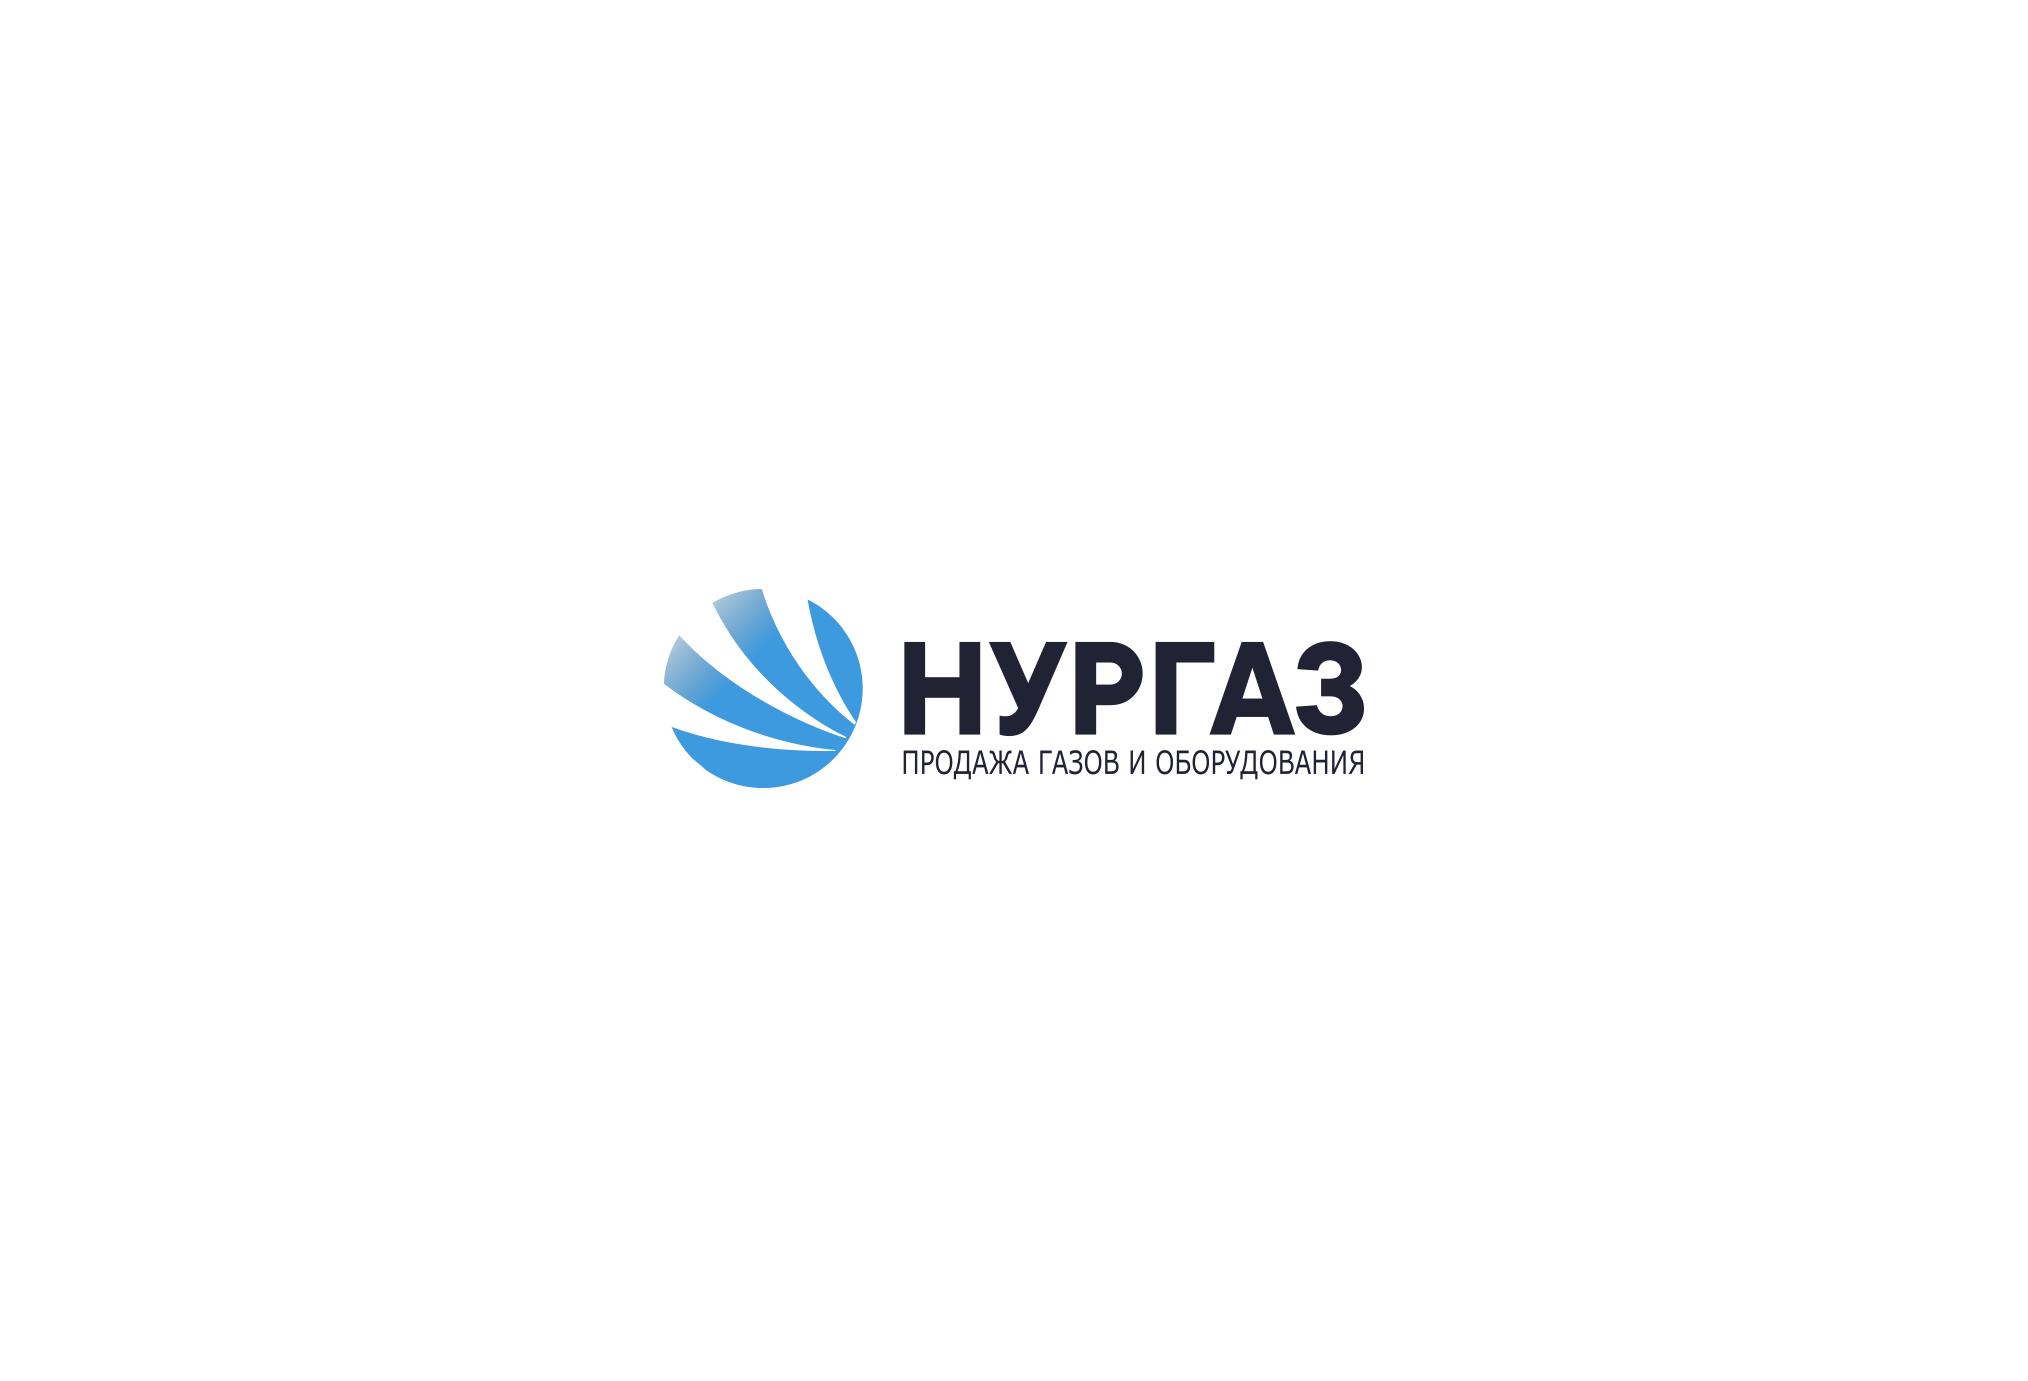 Разработка логотипа и фирменного стиля фото f_4485da78c4e56aab.png